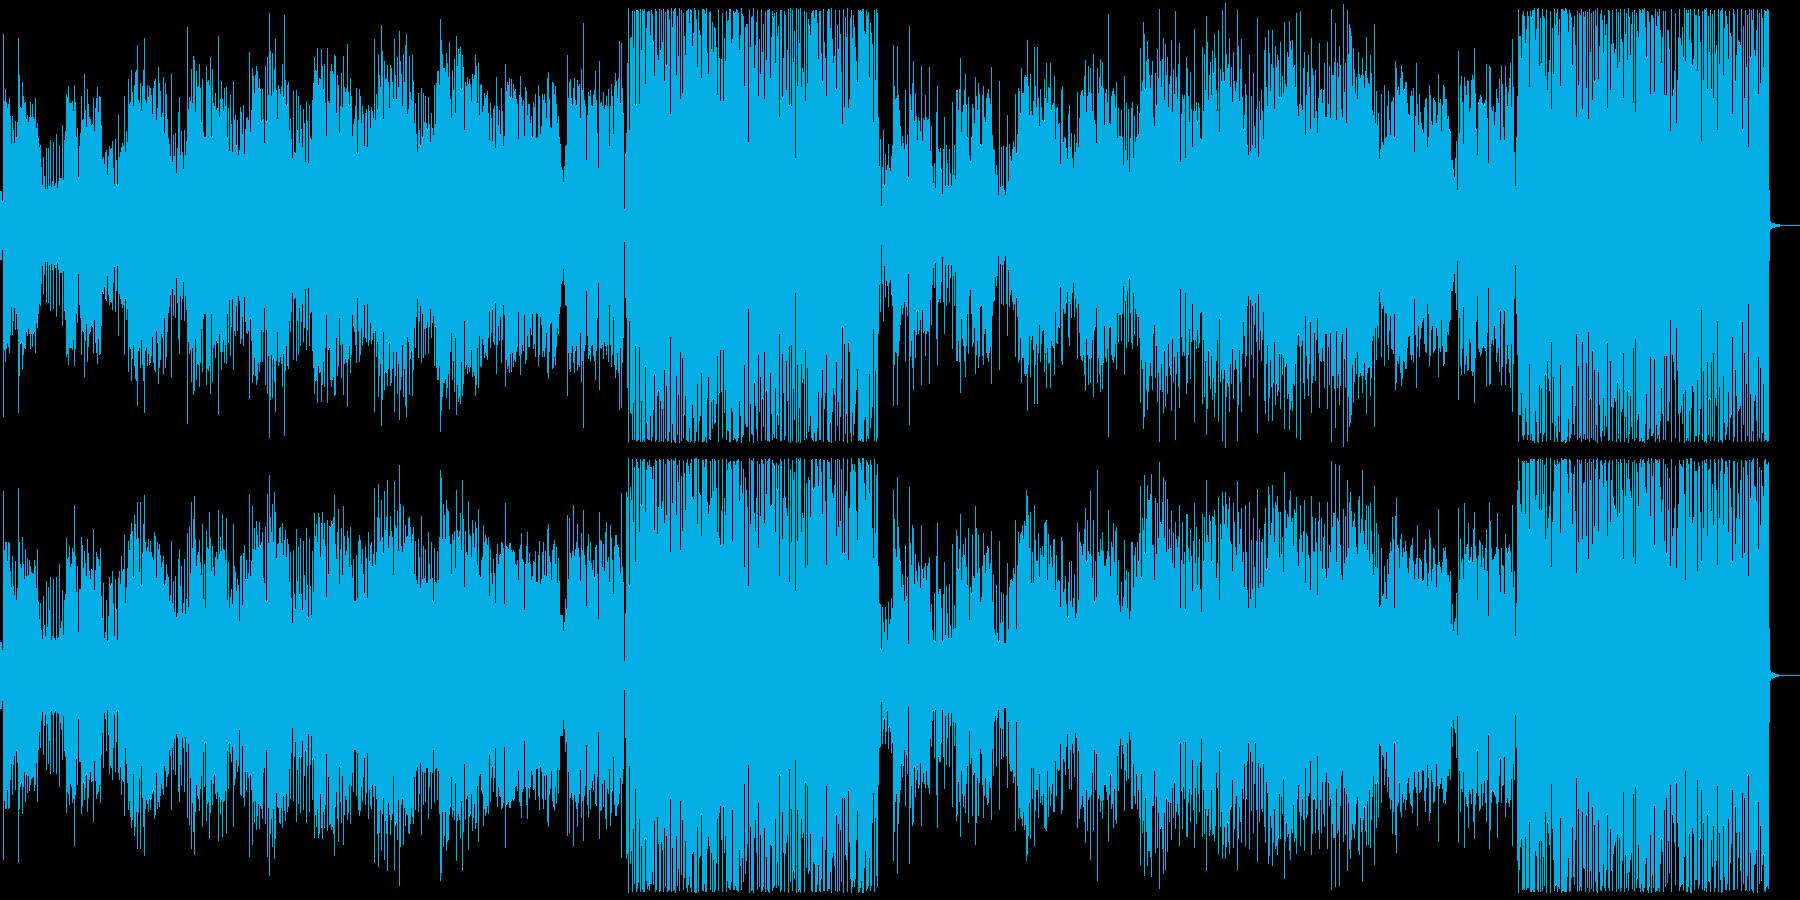 クール/かっこいい洋楽EDM男性ボーカルの再生済みの波形